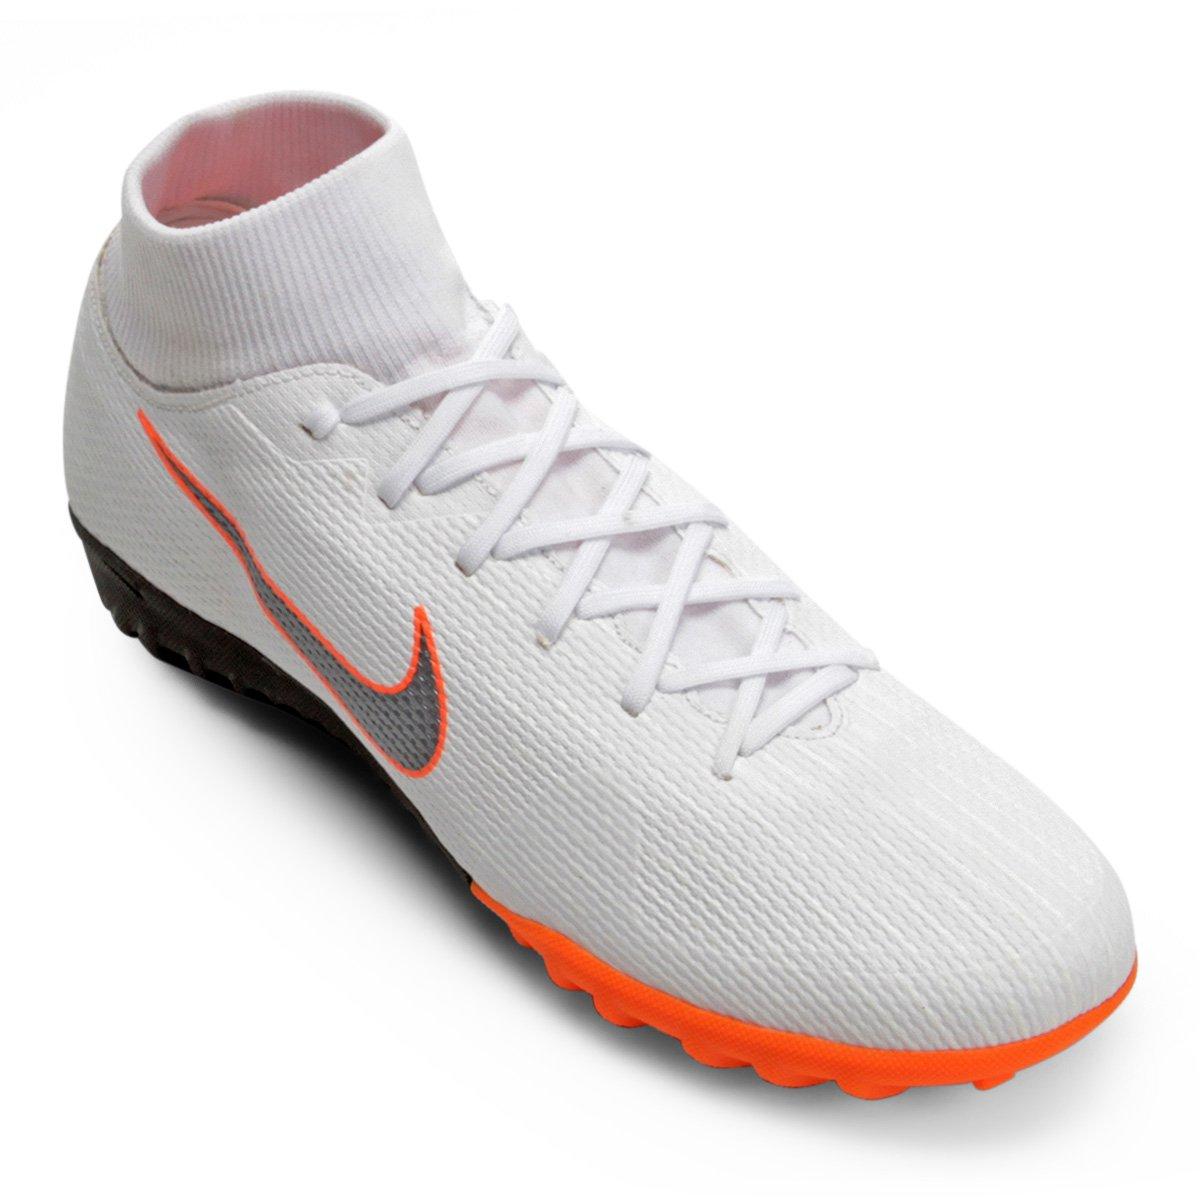 1d542006138 Chuteira Society Nike Mercurial Superfly 6 Academy - Branco e Cinza - Compre  Agora